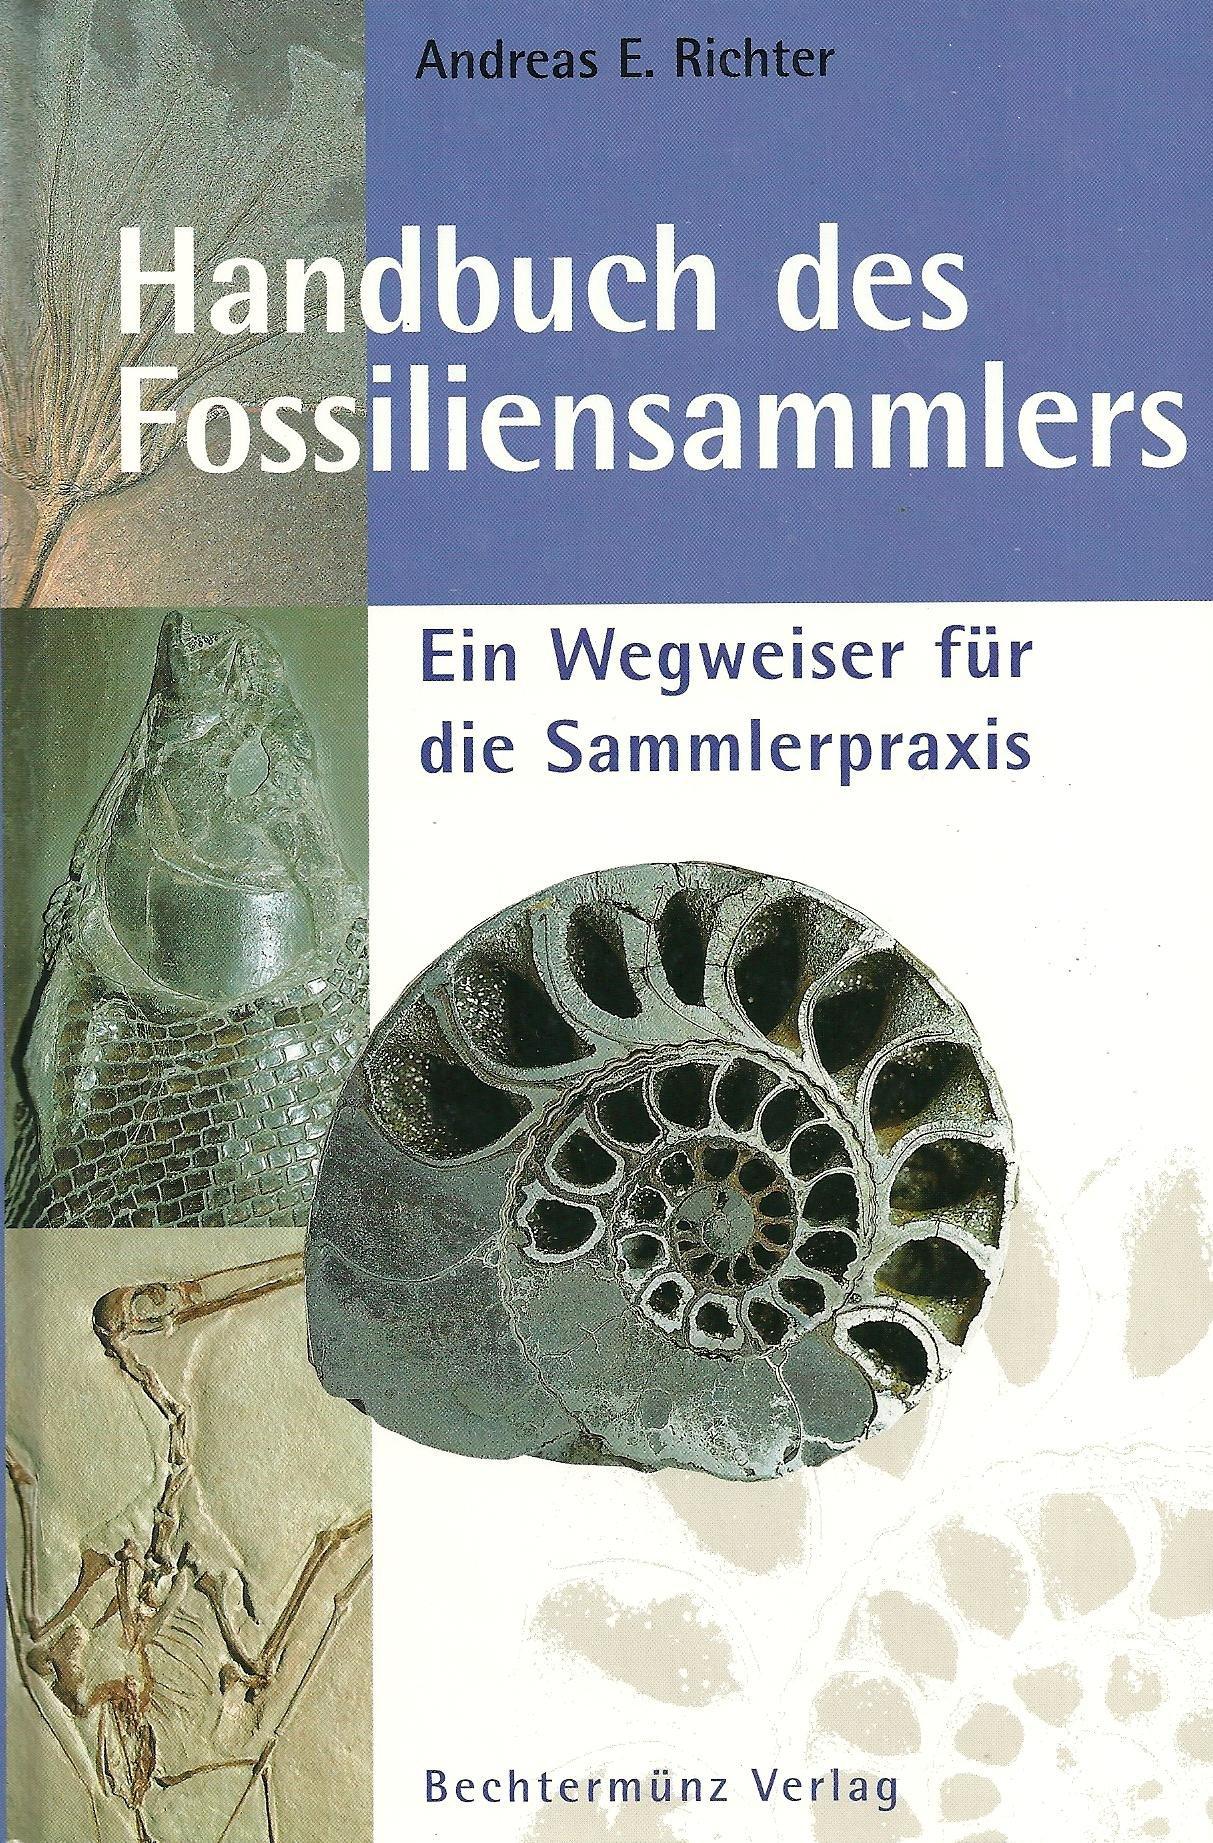 Handbuch des Fossiliensammlers. Ein Wegweiser für die Sammlerpraxis